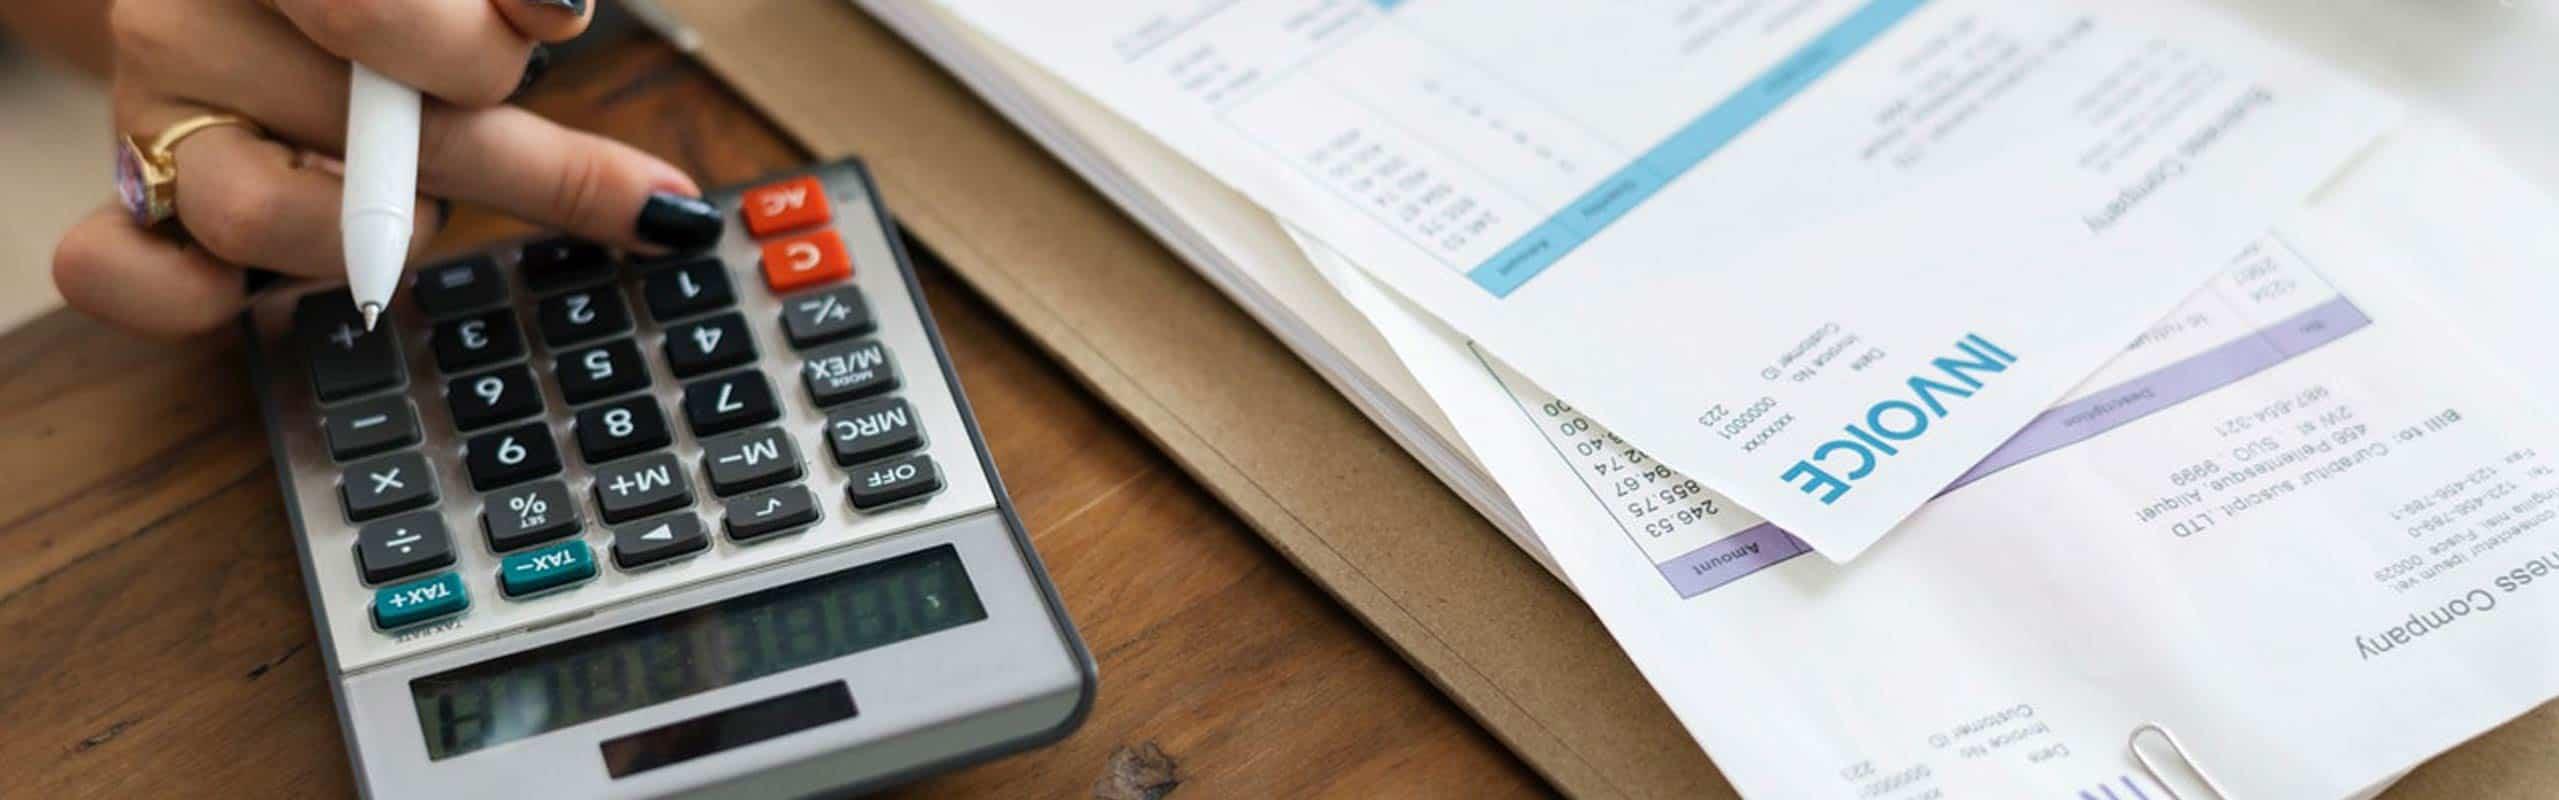 Descubre qué son las cuentas anuales y que deben incluir